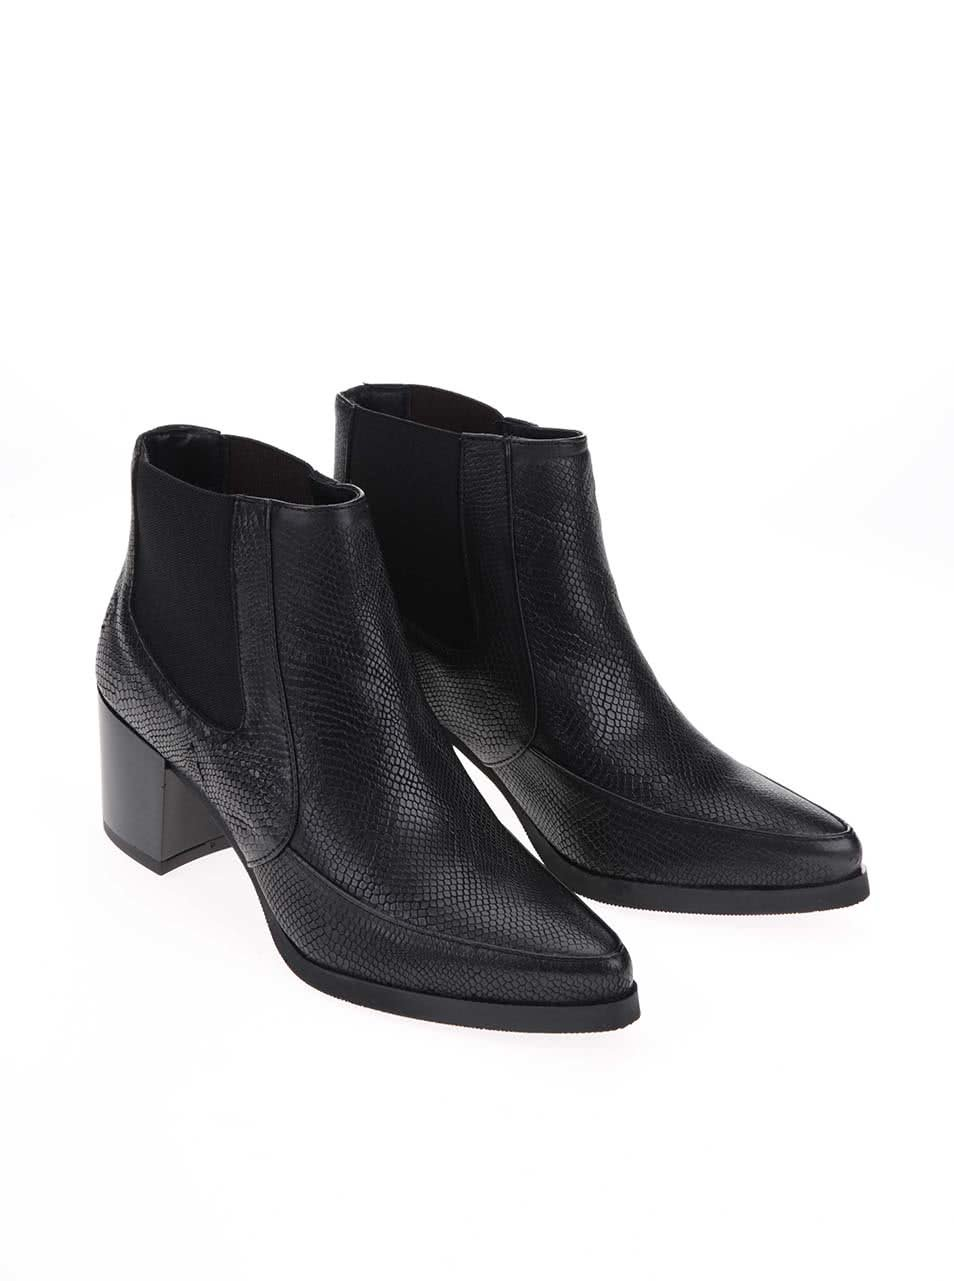 e9a64cd24a Černé kožené kotníkové boty s hadím vzorem Bronx ...